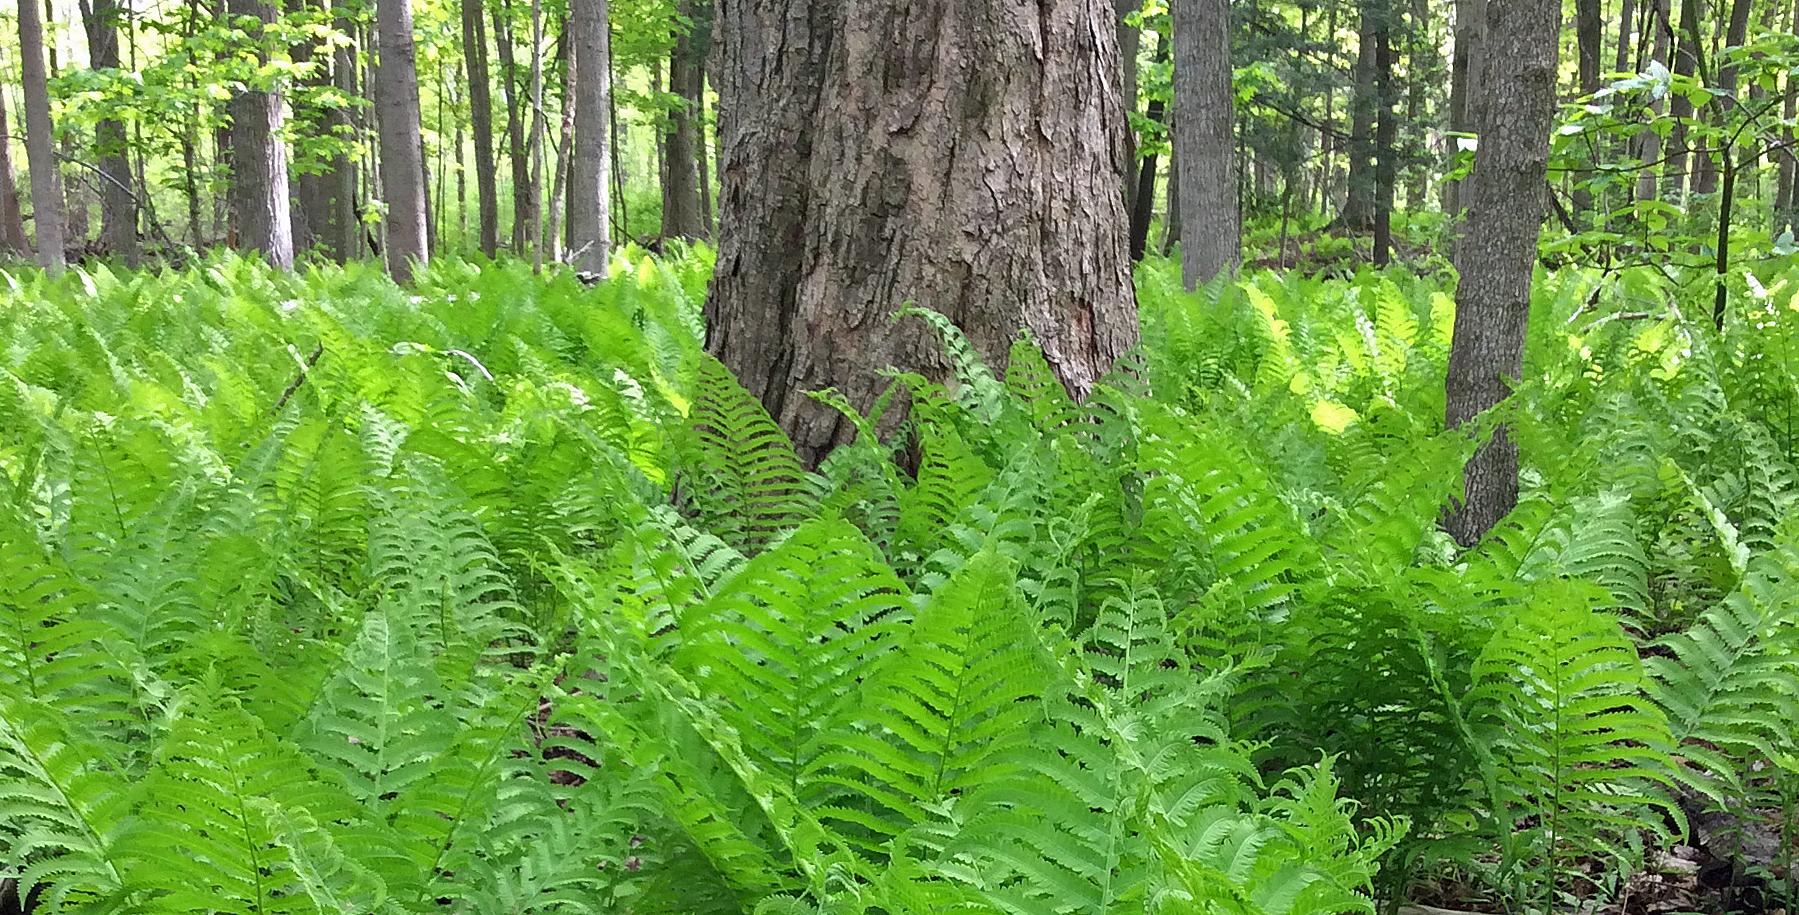 Ferns ostrich forest oak LR